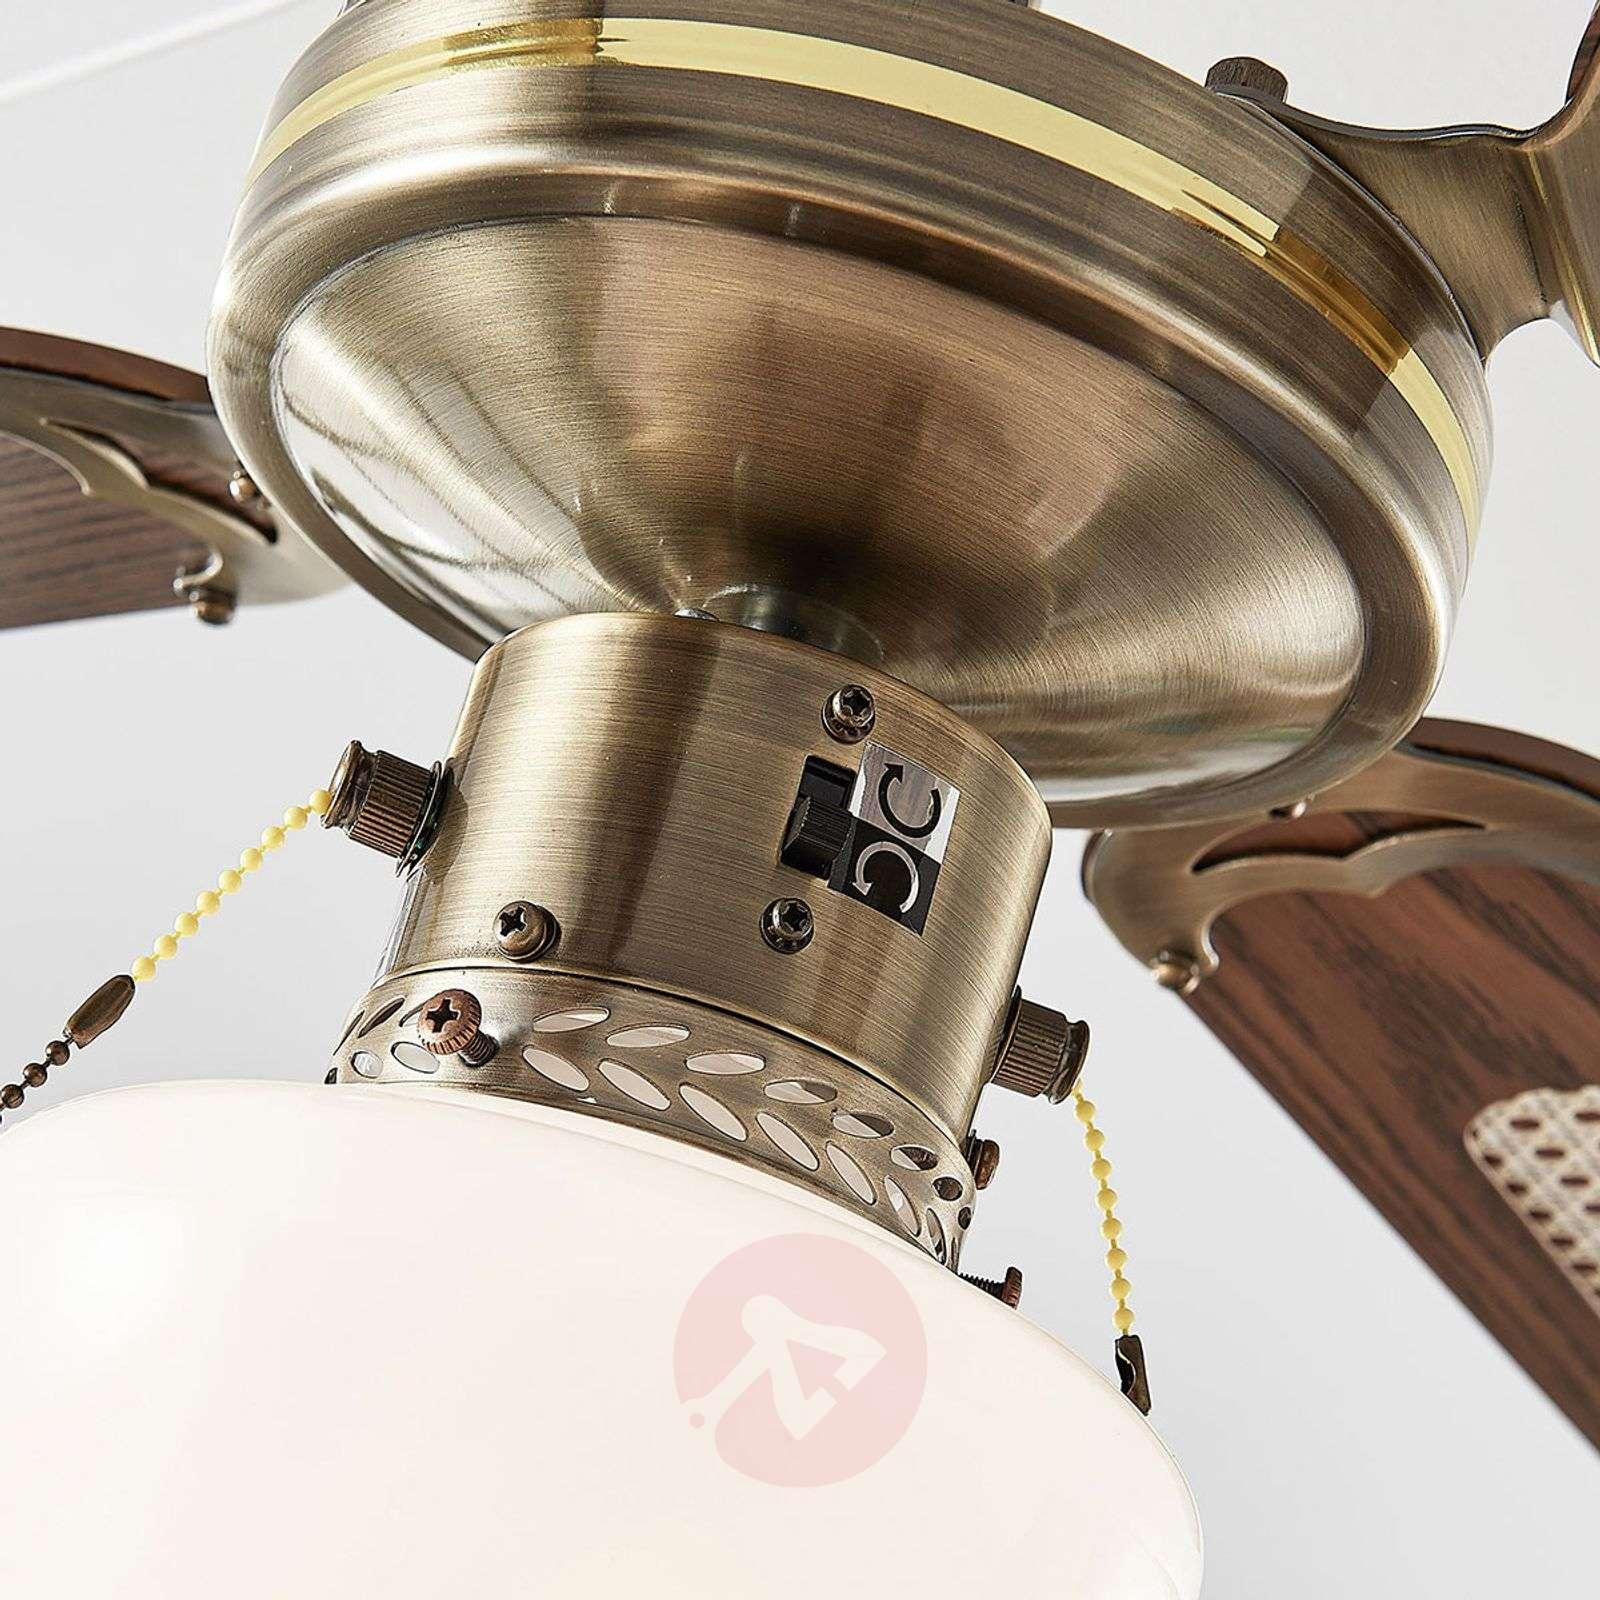 Joulin ceiling fan with light, oak-4018203-03